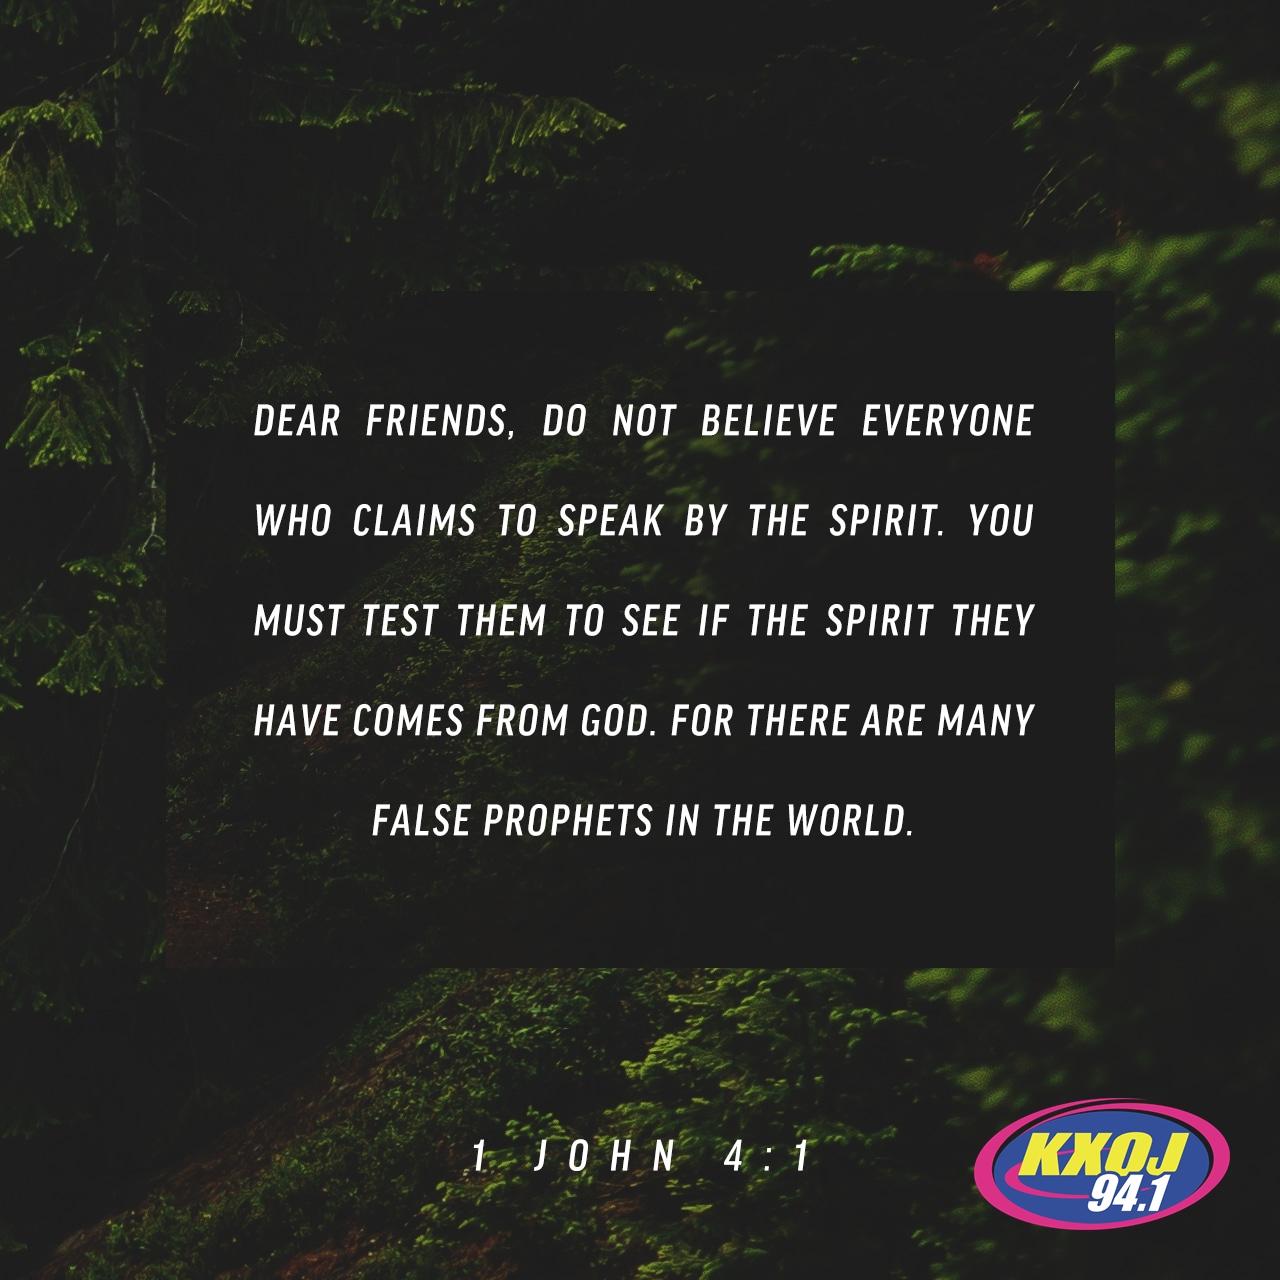 June 19th - 1 John 4:1